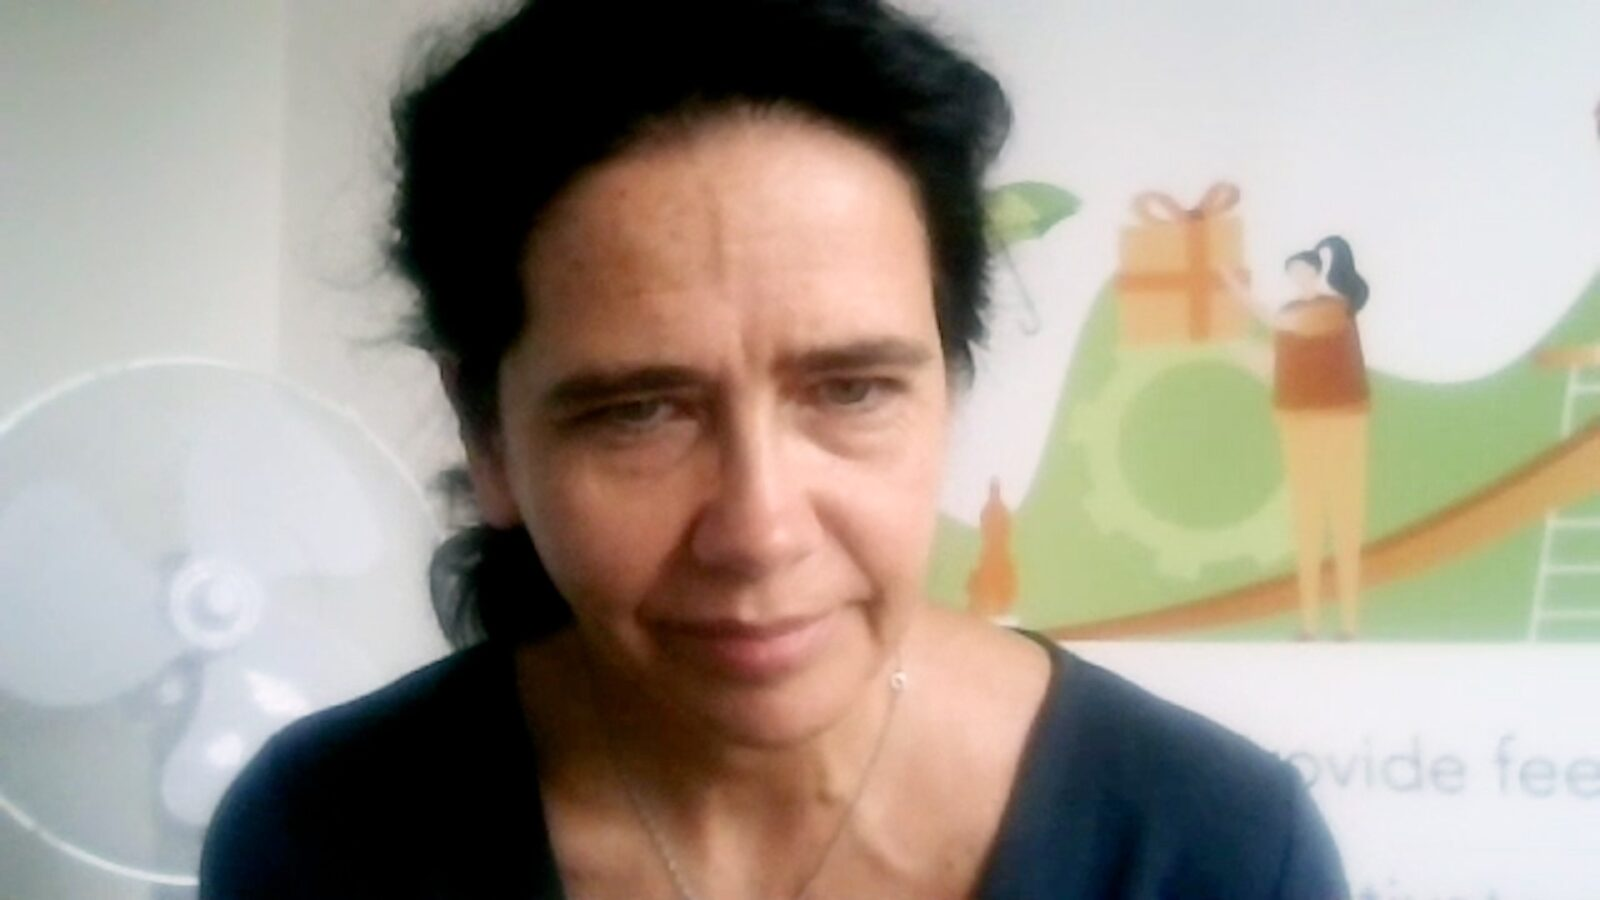 Anna Streżyńska: Sztuczna inteligencja przyspiesza bardzo szybko. Edukacja i prawo za nią nie nadążają